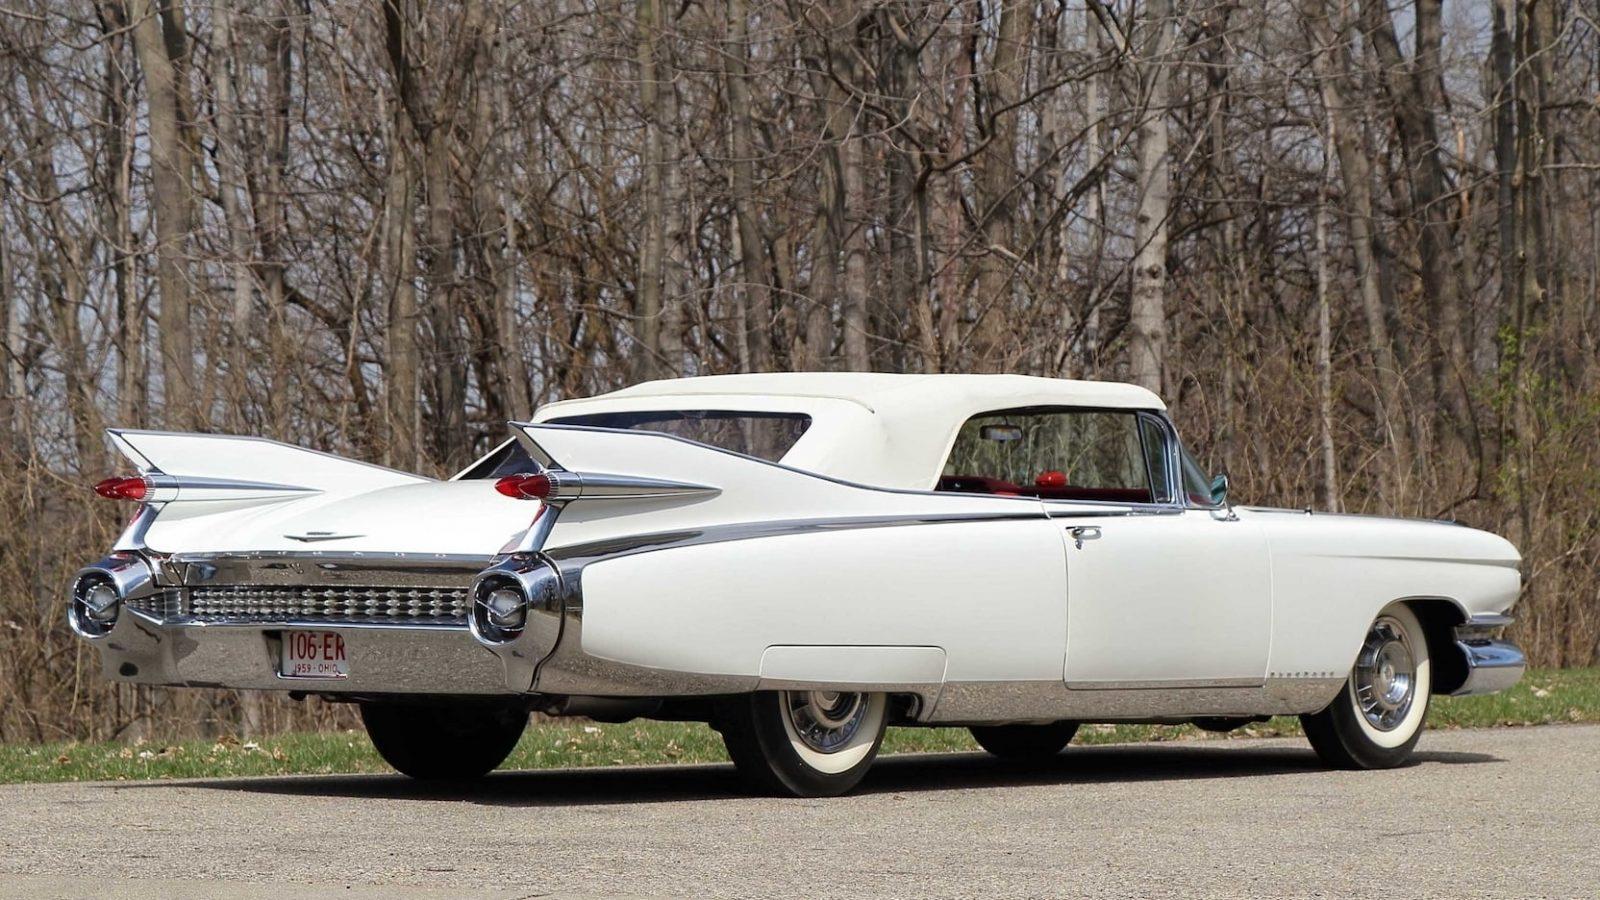 Фотографии автомобиля CADILLAC ELDORADO BIARRITZ CONVERTIBLE 1959 года.